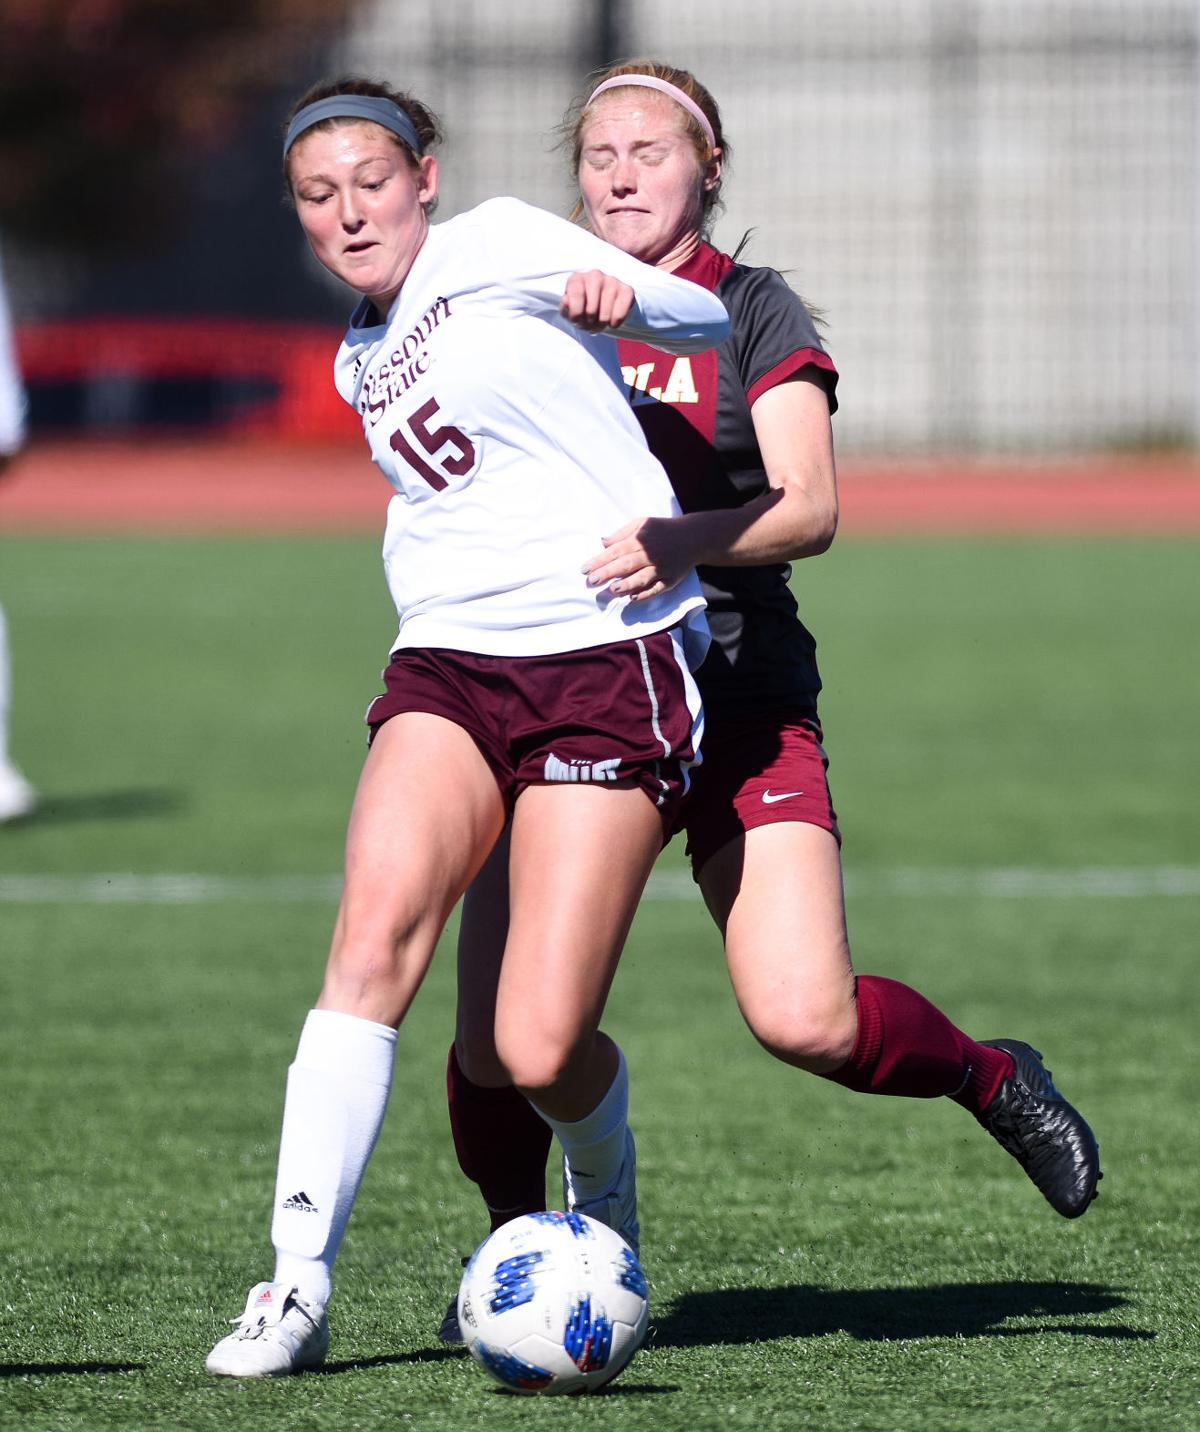 Anna Durnin shields the ball